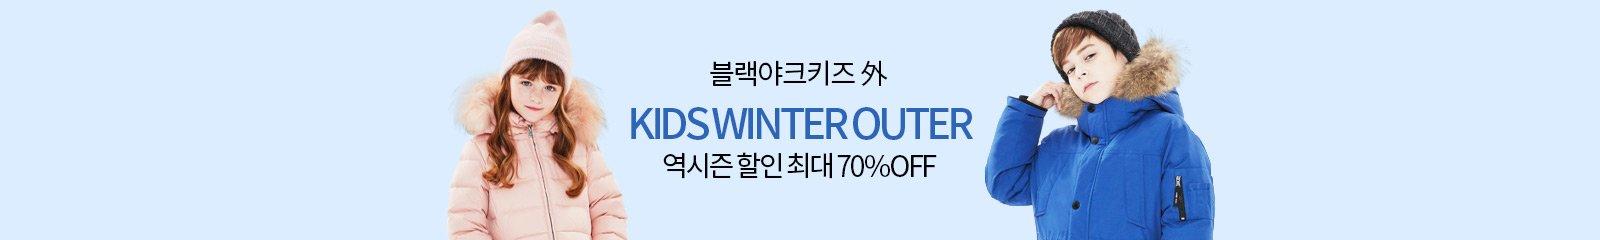 [유아동] 한겨울 역시즌 대전